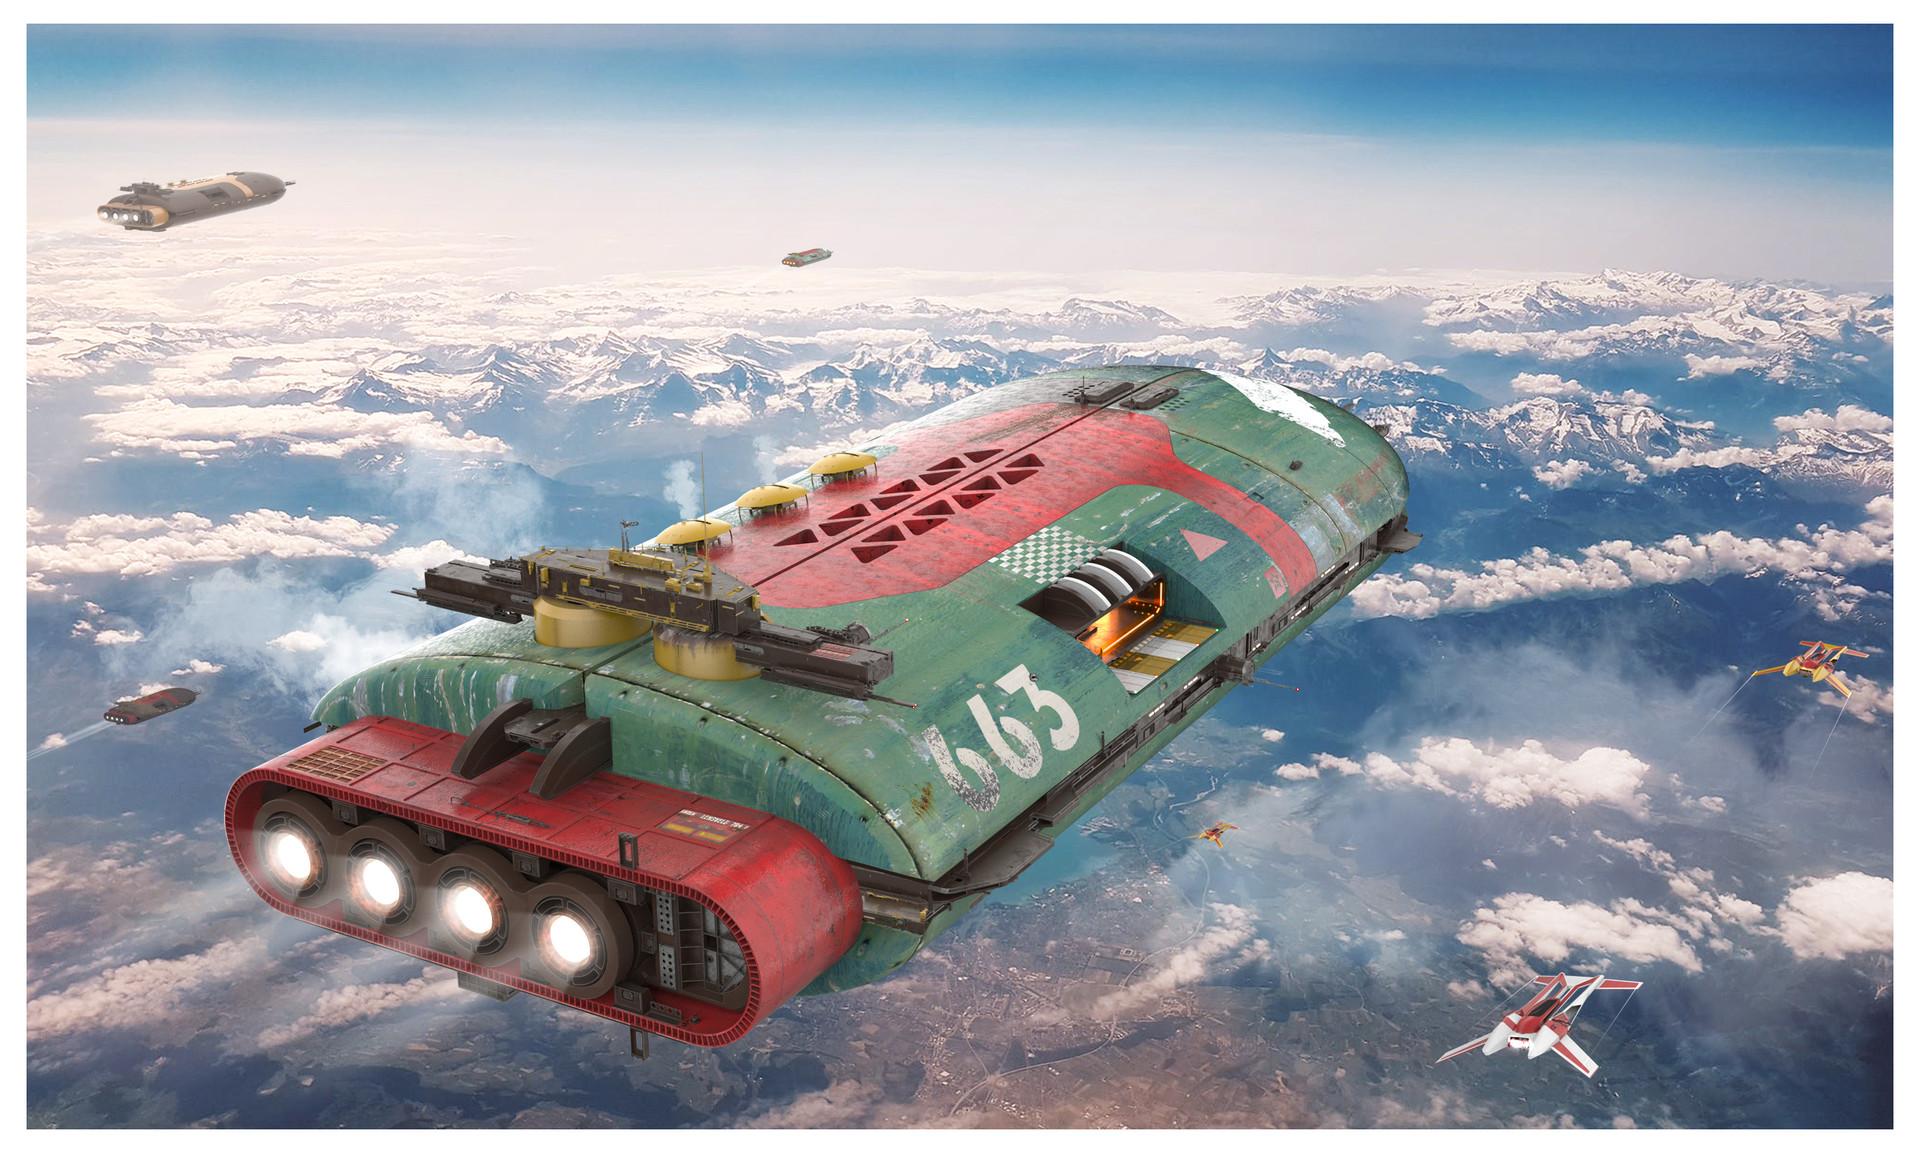 emrys-ryan-cargo-escort.jpg?1533039224